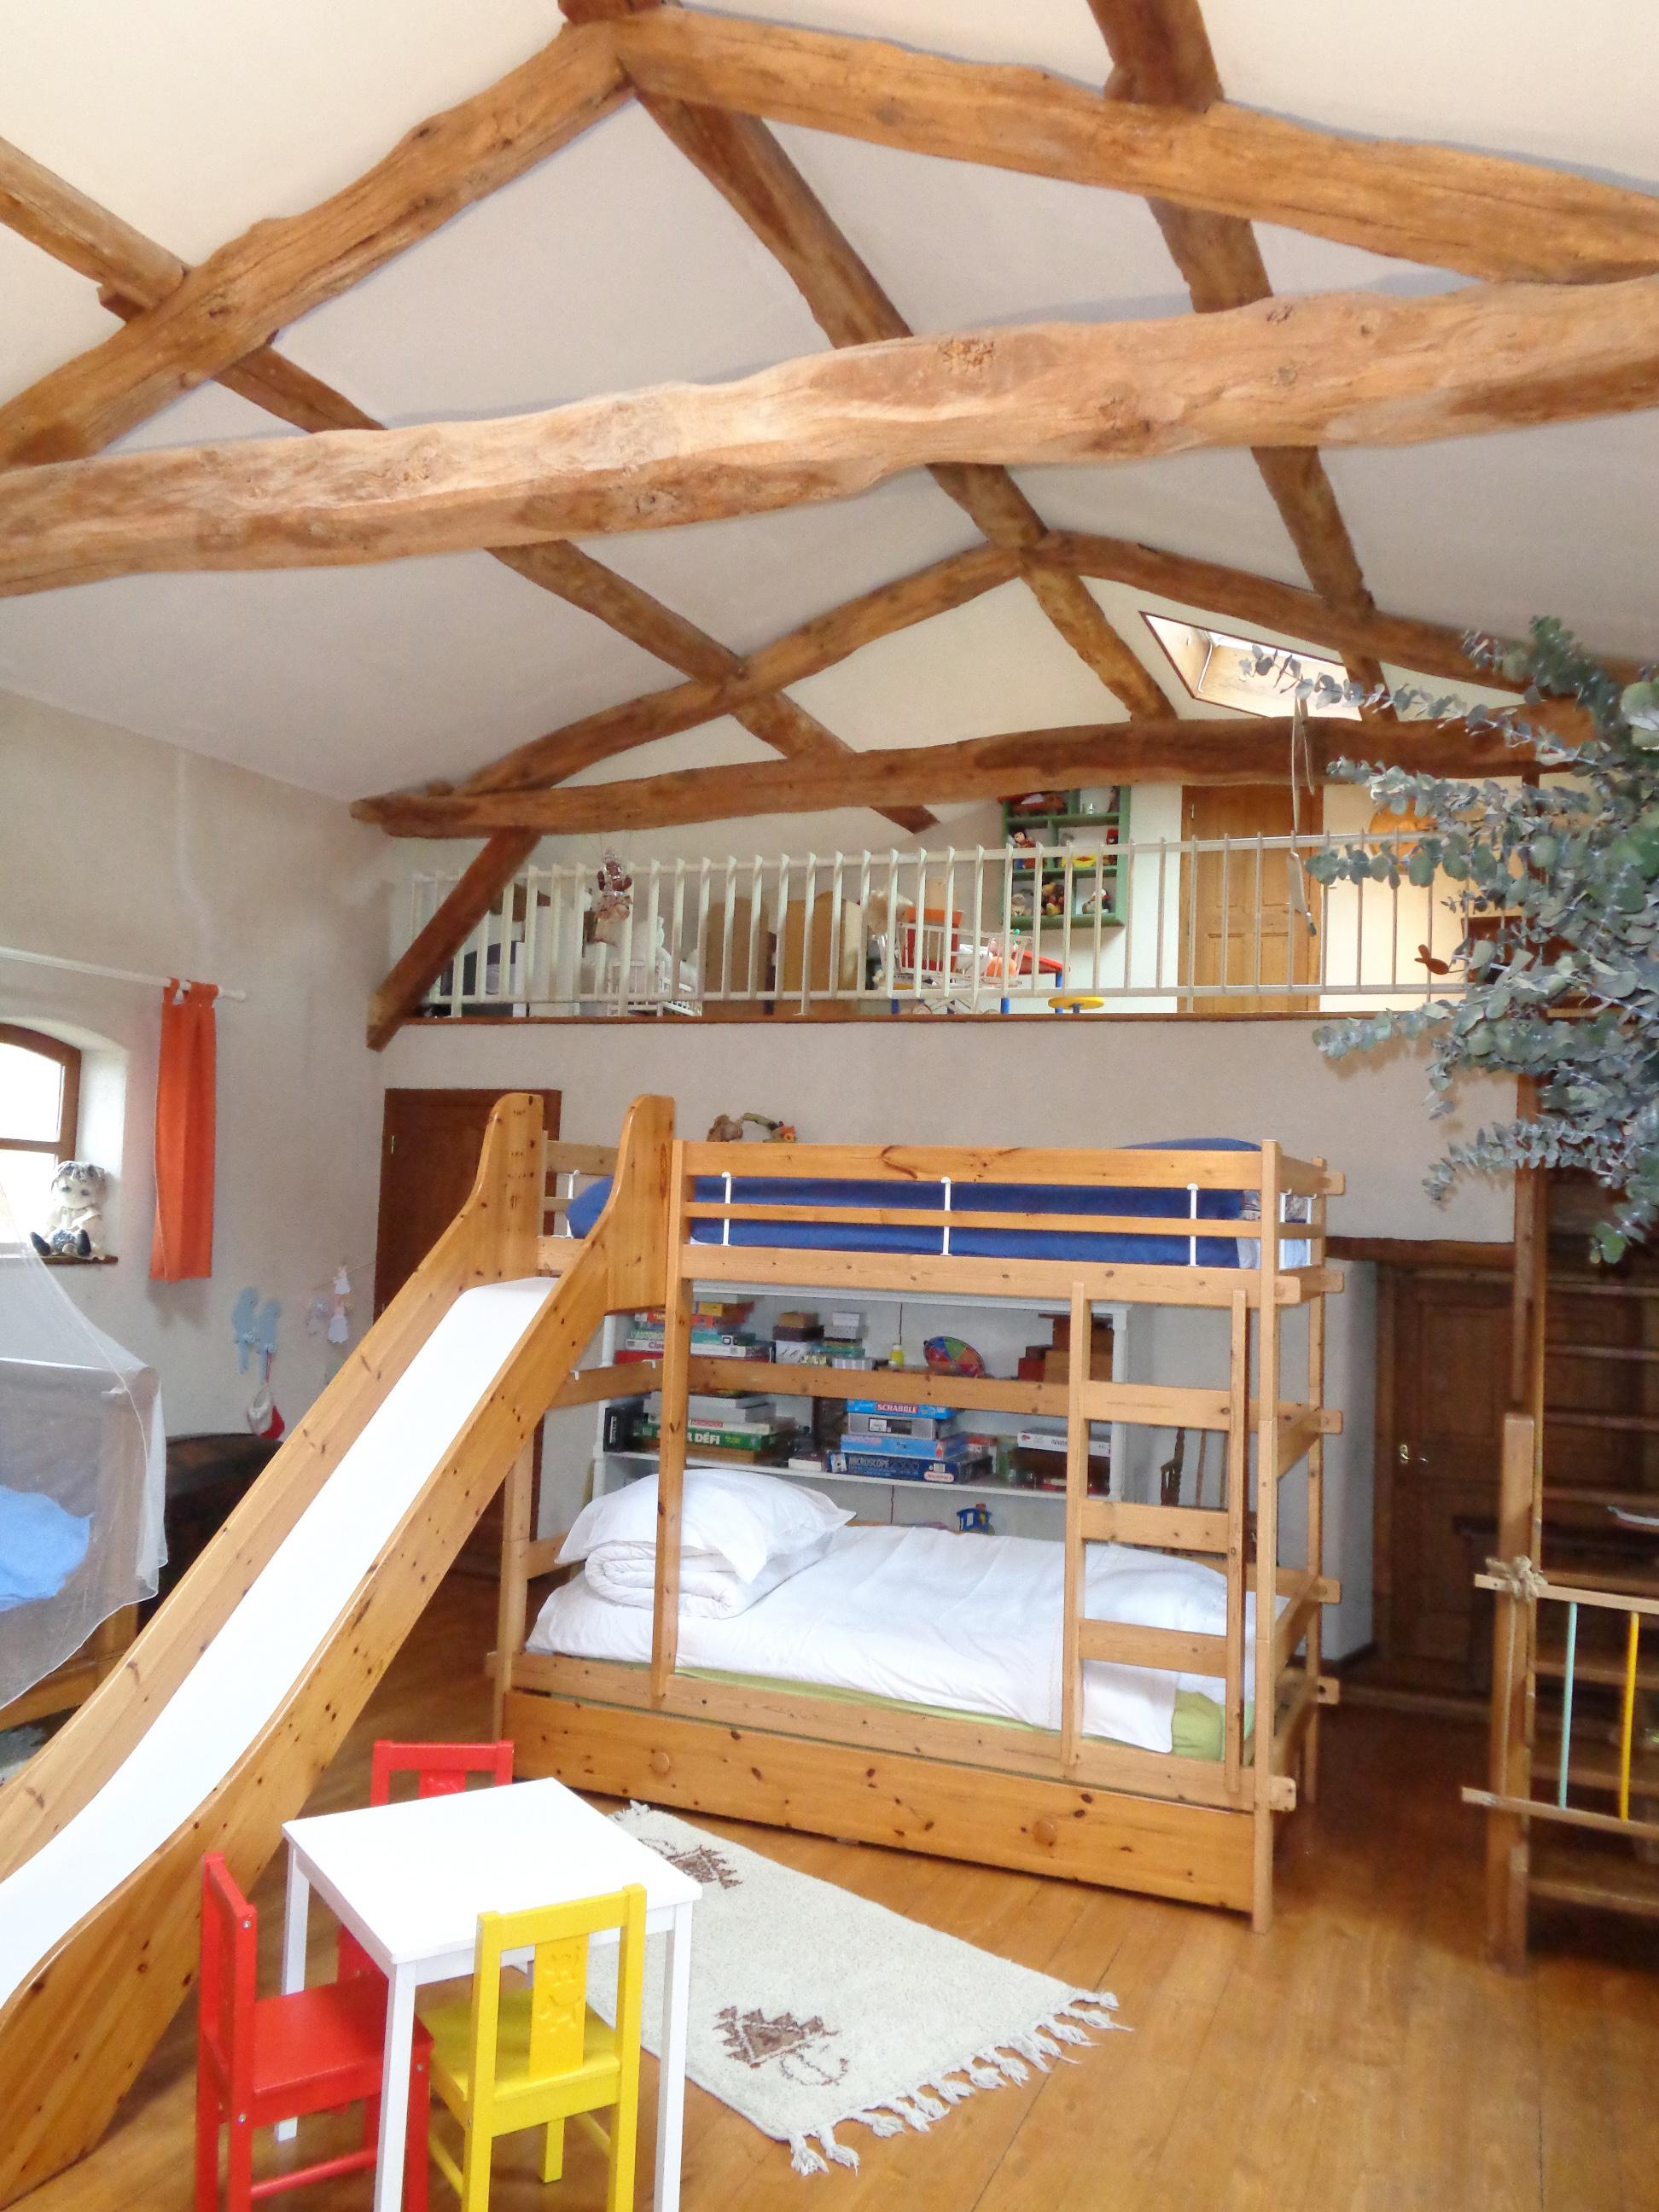 Lit à étage avec lit tiroir avec tobogan pour les petits. Ils vont adorer. A droite, table de jeu et l it enfant en fer forgé